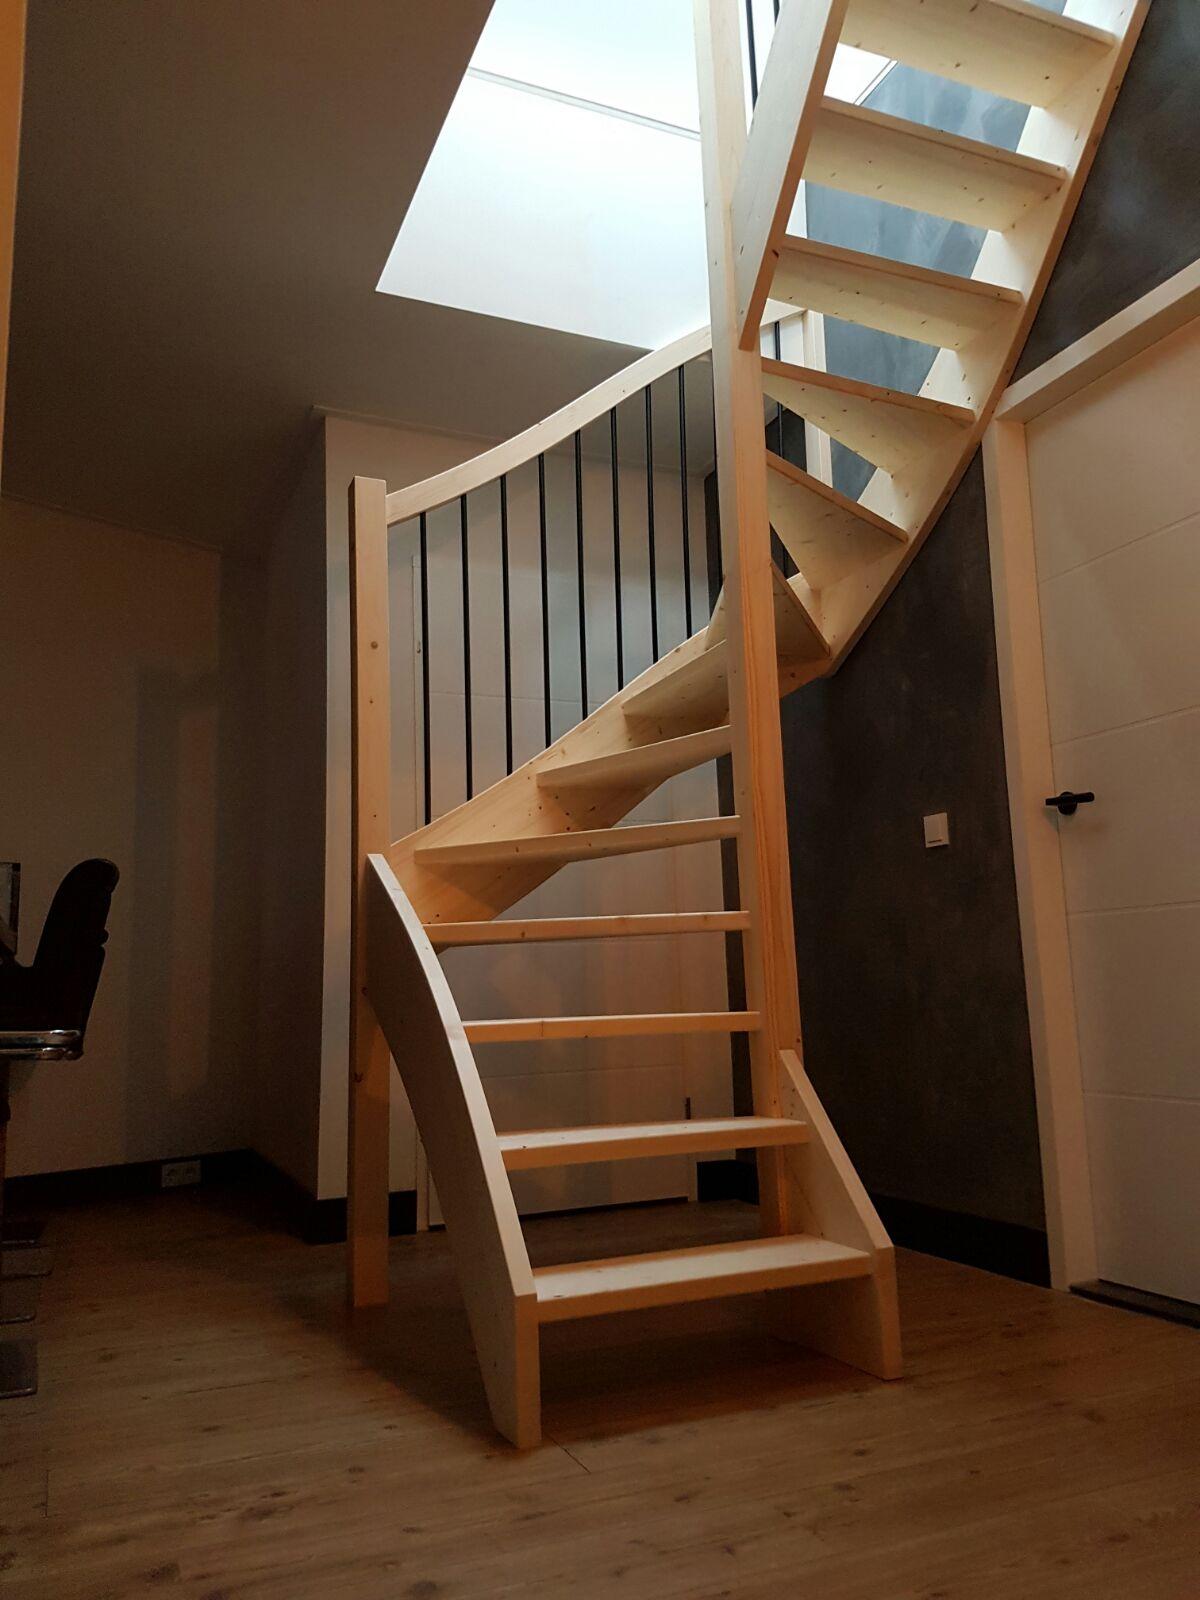 Wonderbaar Onze trappenfabriek - Open trappen - Voordelen & voorbeelden GB-57